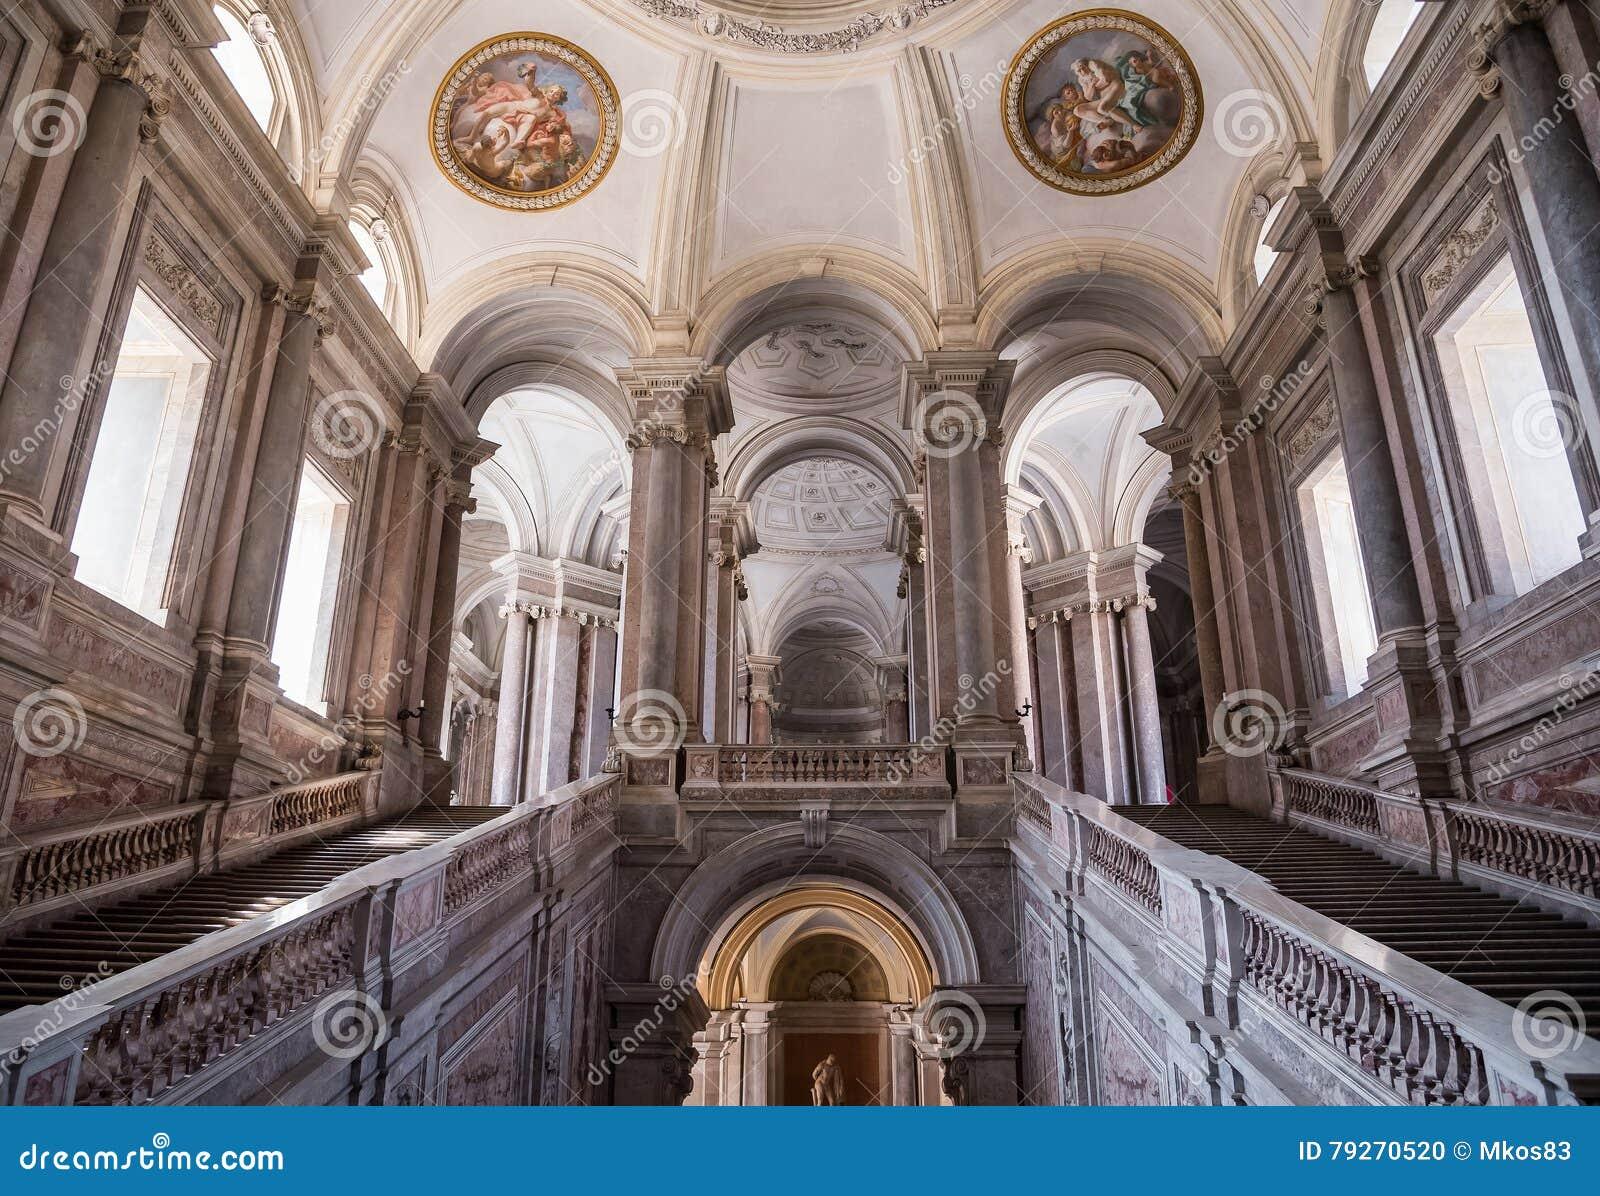 荣誉豪华楼梯在王宫,卡塞尔塔,意大利